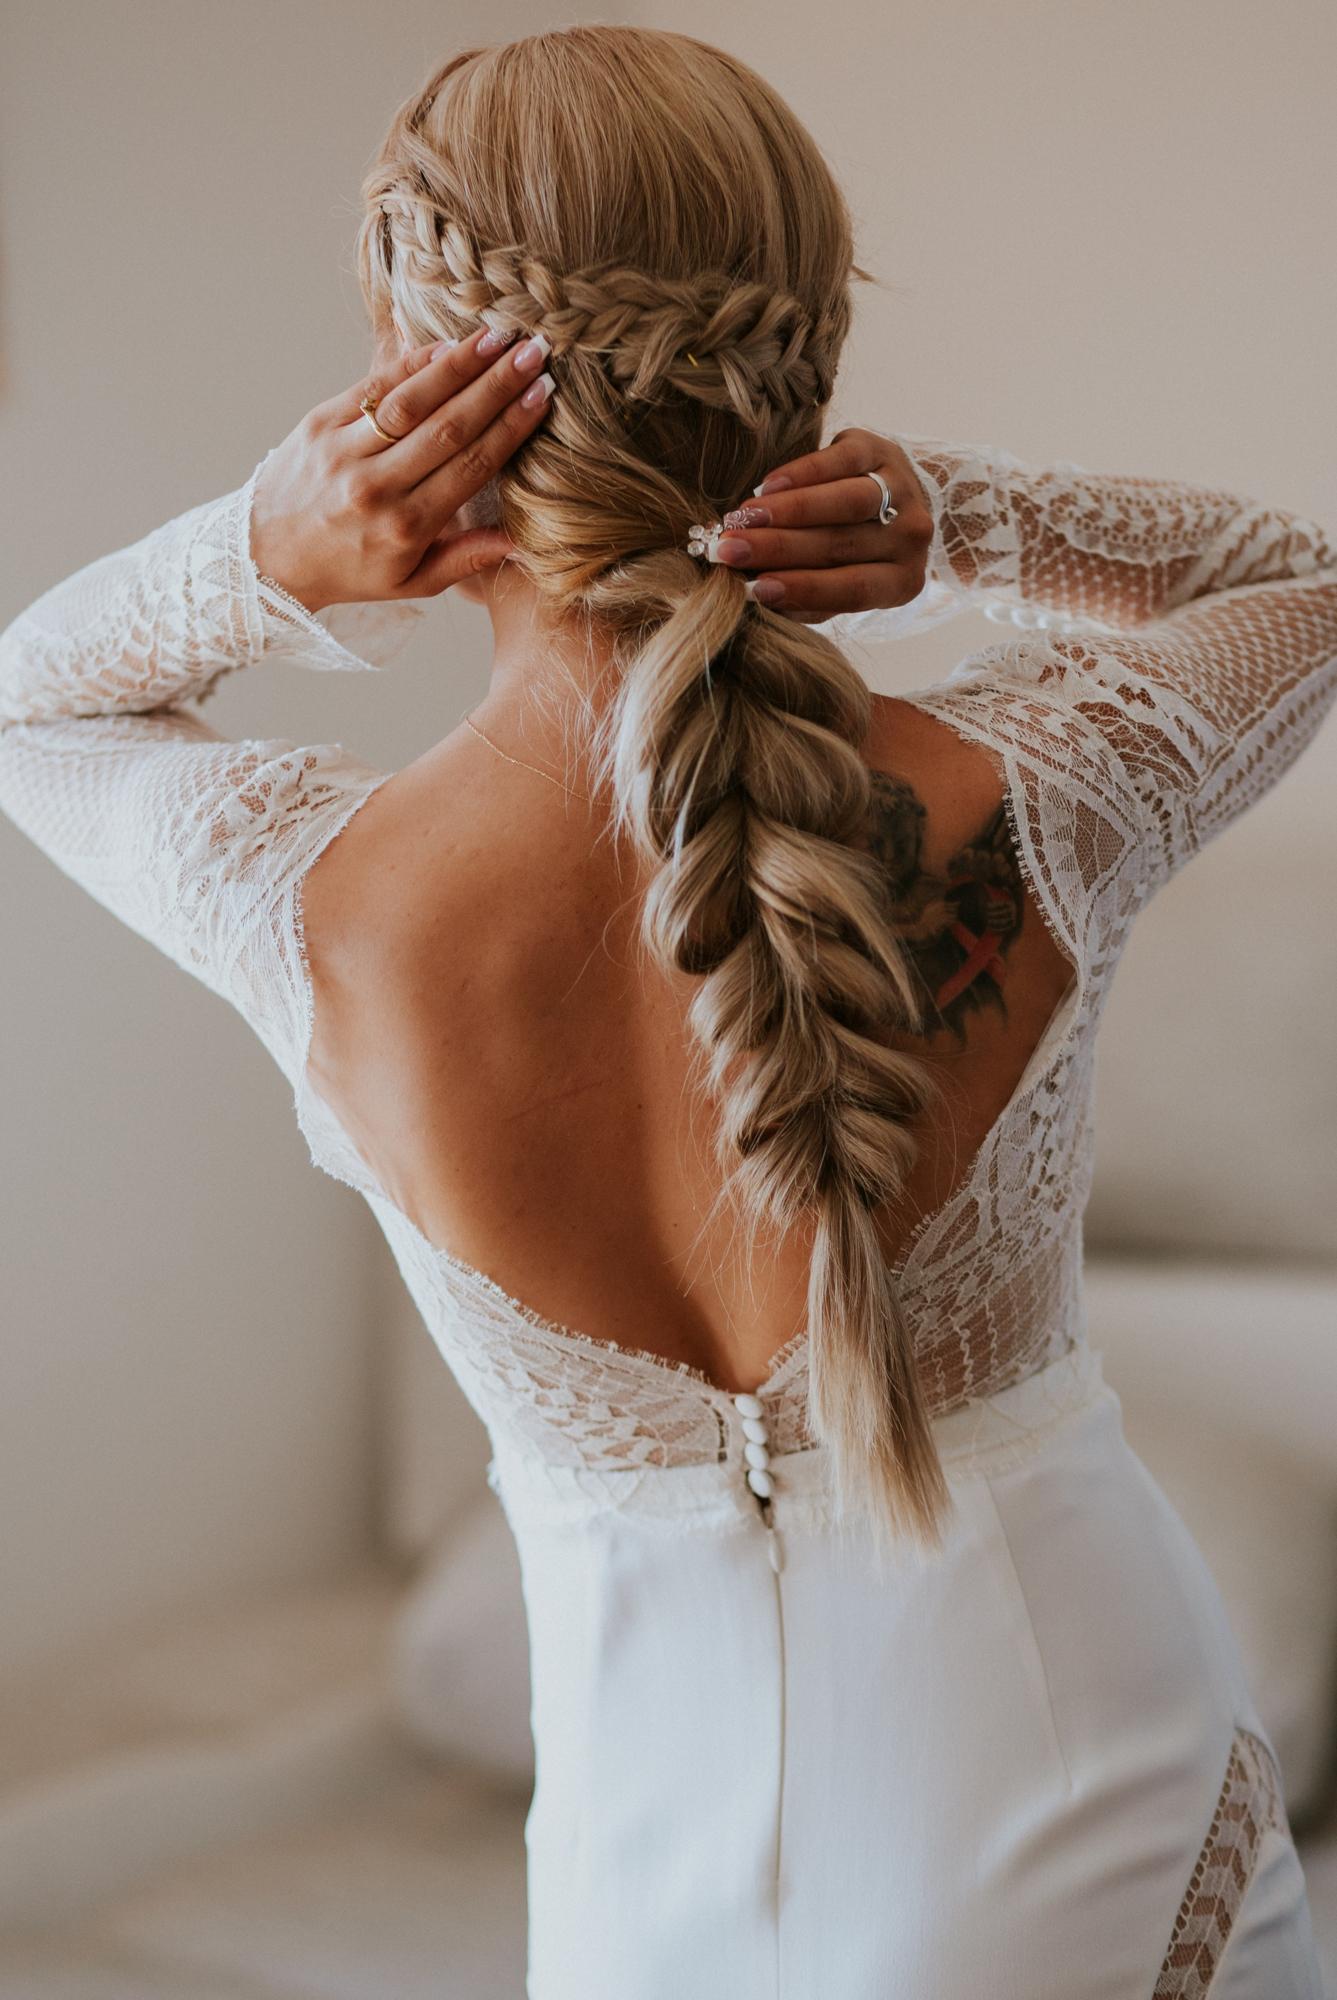 divine atelier, rochii mireasa brasov, fotograf profesionist, hair stiling mireasa